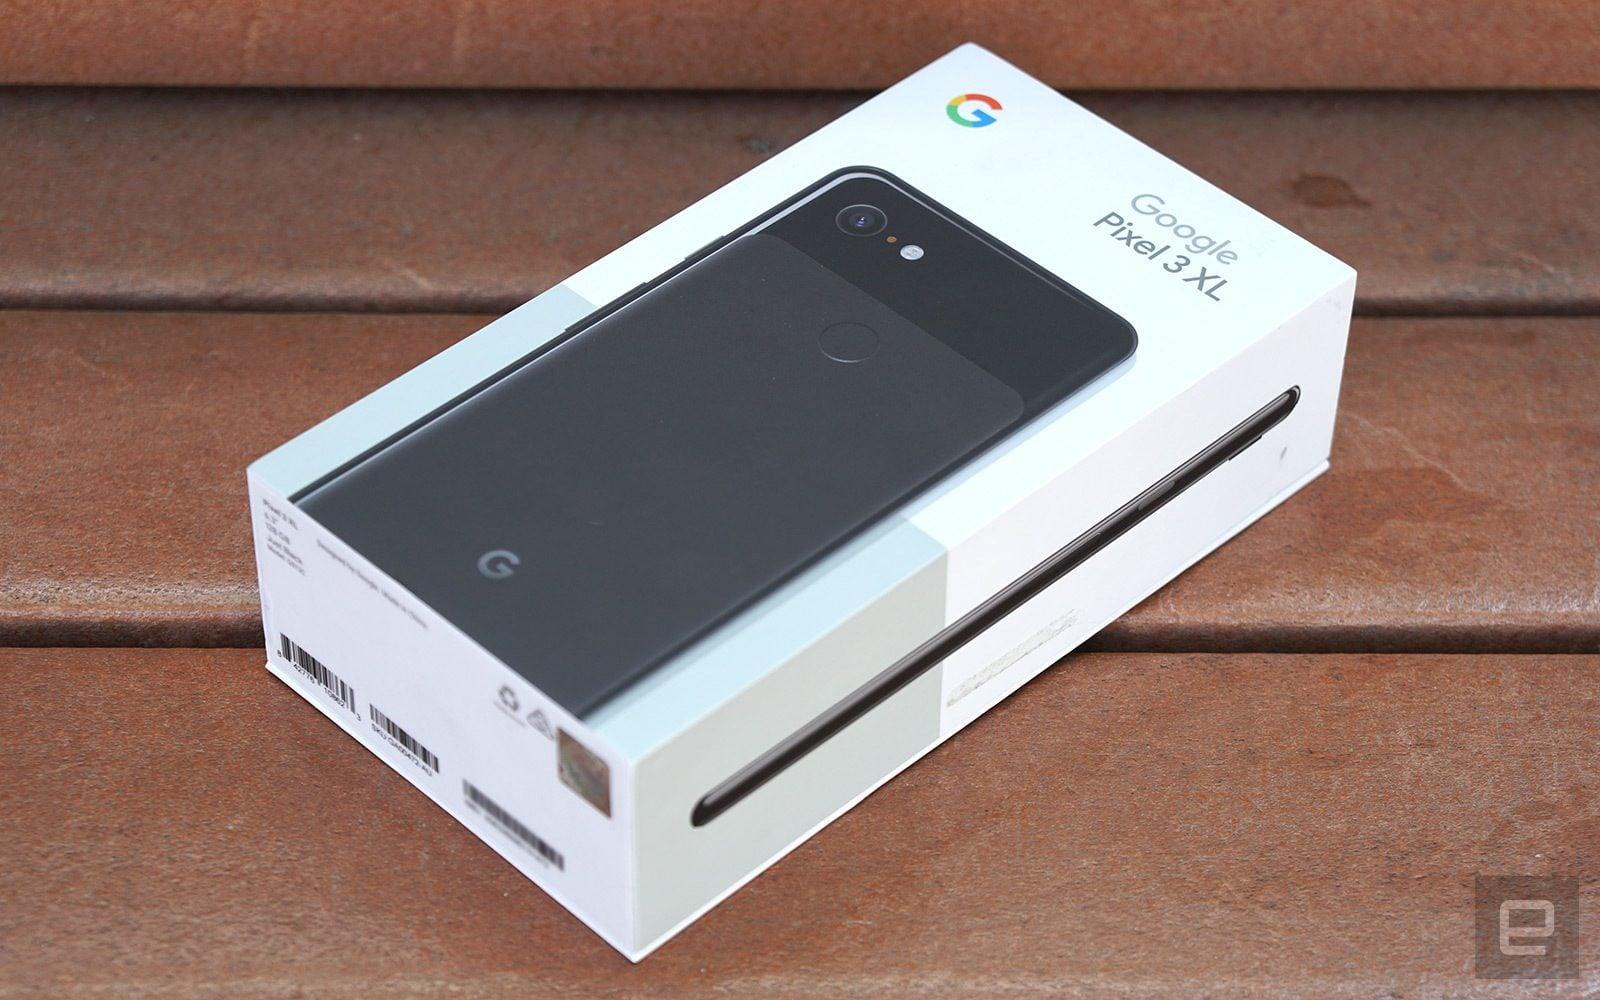 Google Pixel 3 XL - vorbei, bevor es überhaupt losgeht? 1 techboys.de • smarte News, auf den Punkt! Google Pixel 3 XL - vorbei, bevor es überhaupt losgeht?